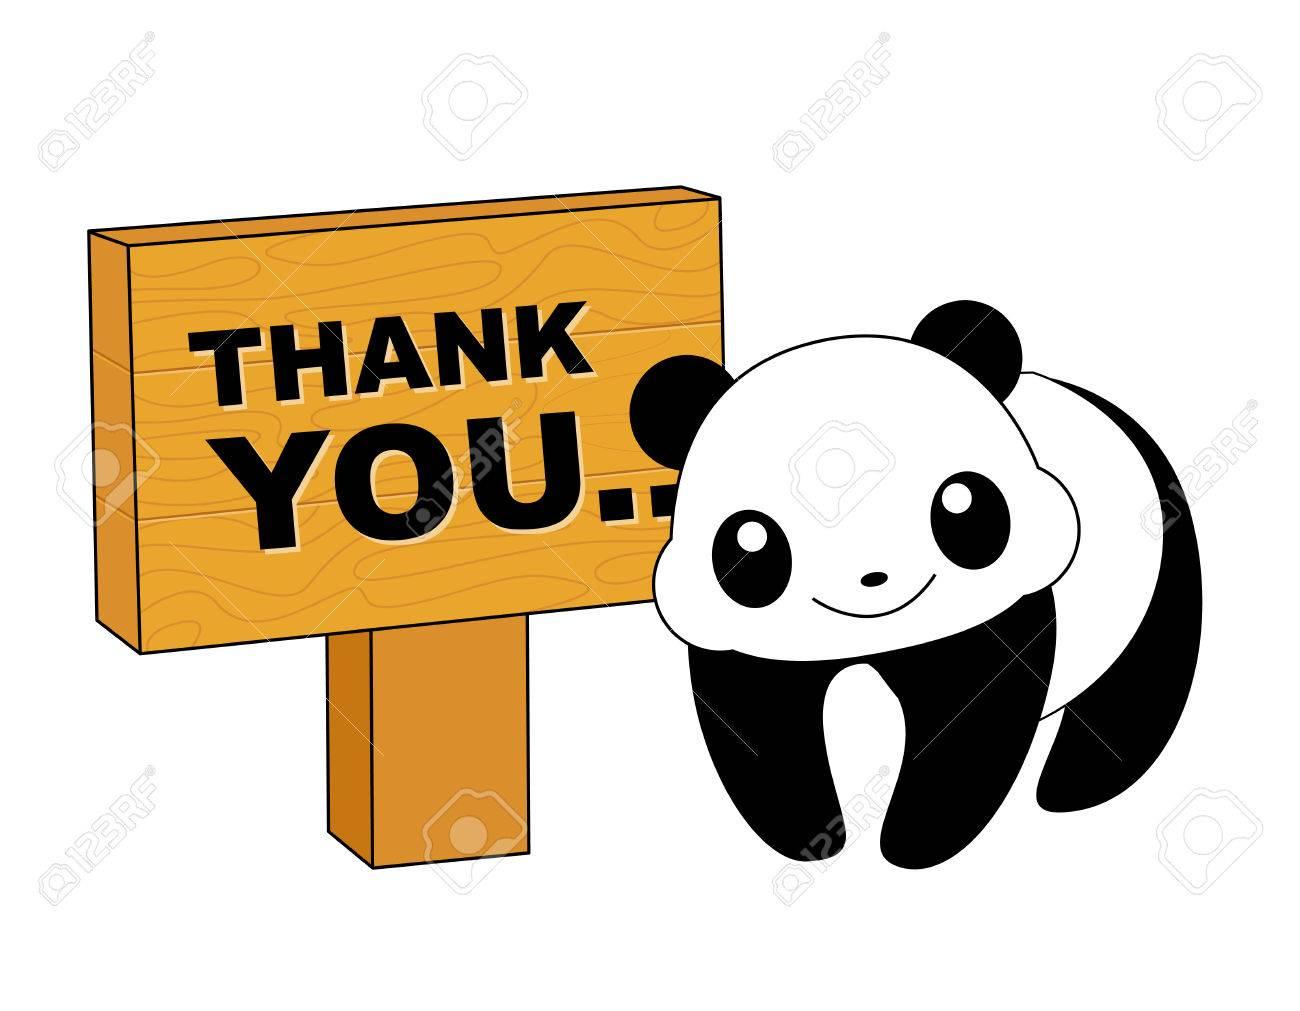 ありがとうカード掲示板とかわいいパンダ ロイヤリティフリークリップ